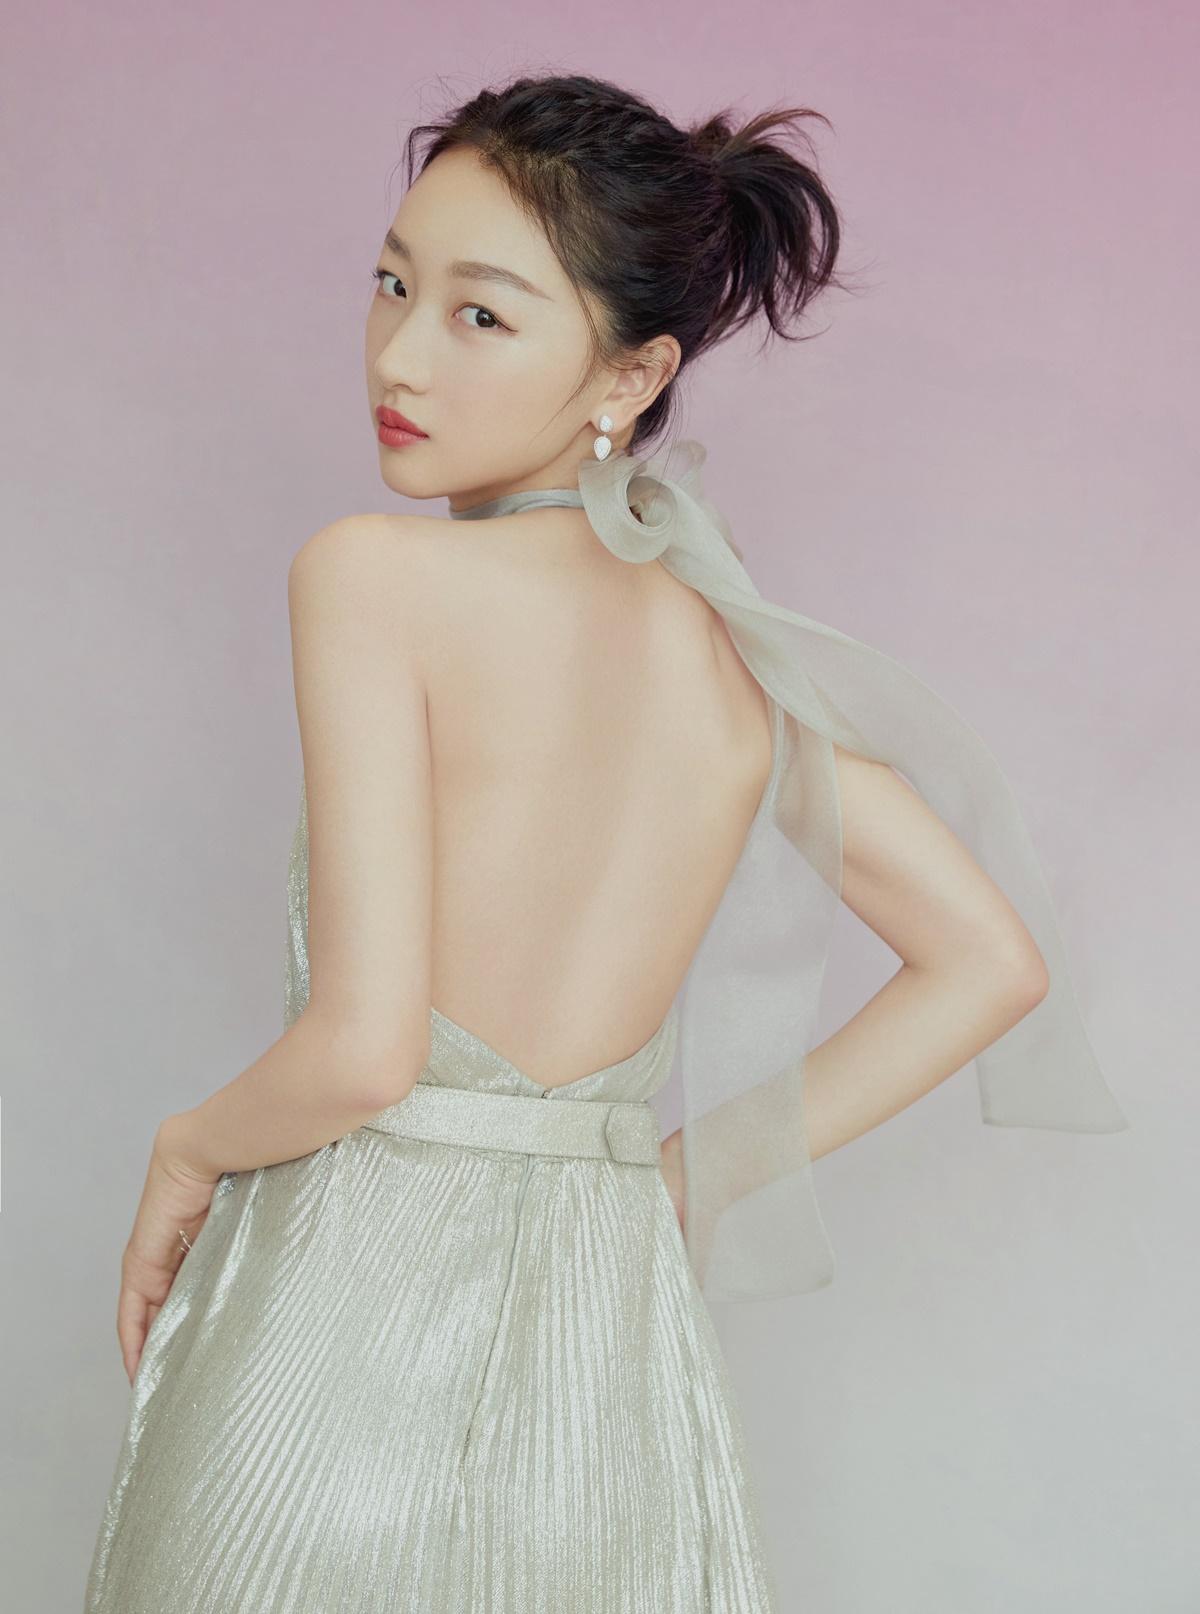 Châu Đông Vũ khoe khí chất đẳng cấp trong bộ đầm hở lưng quyến rũ.